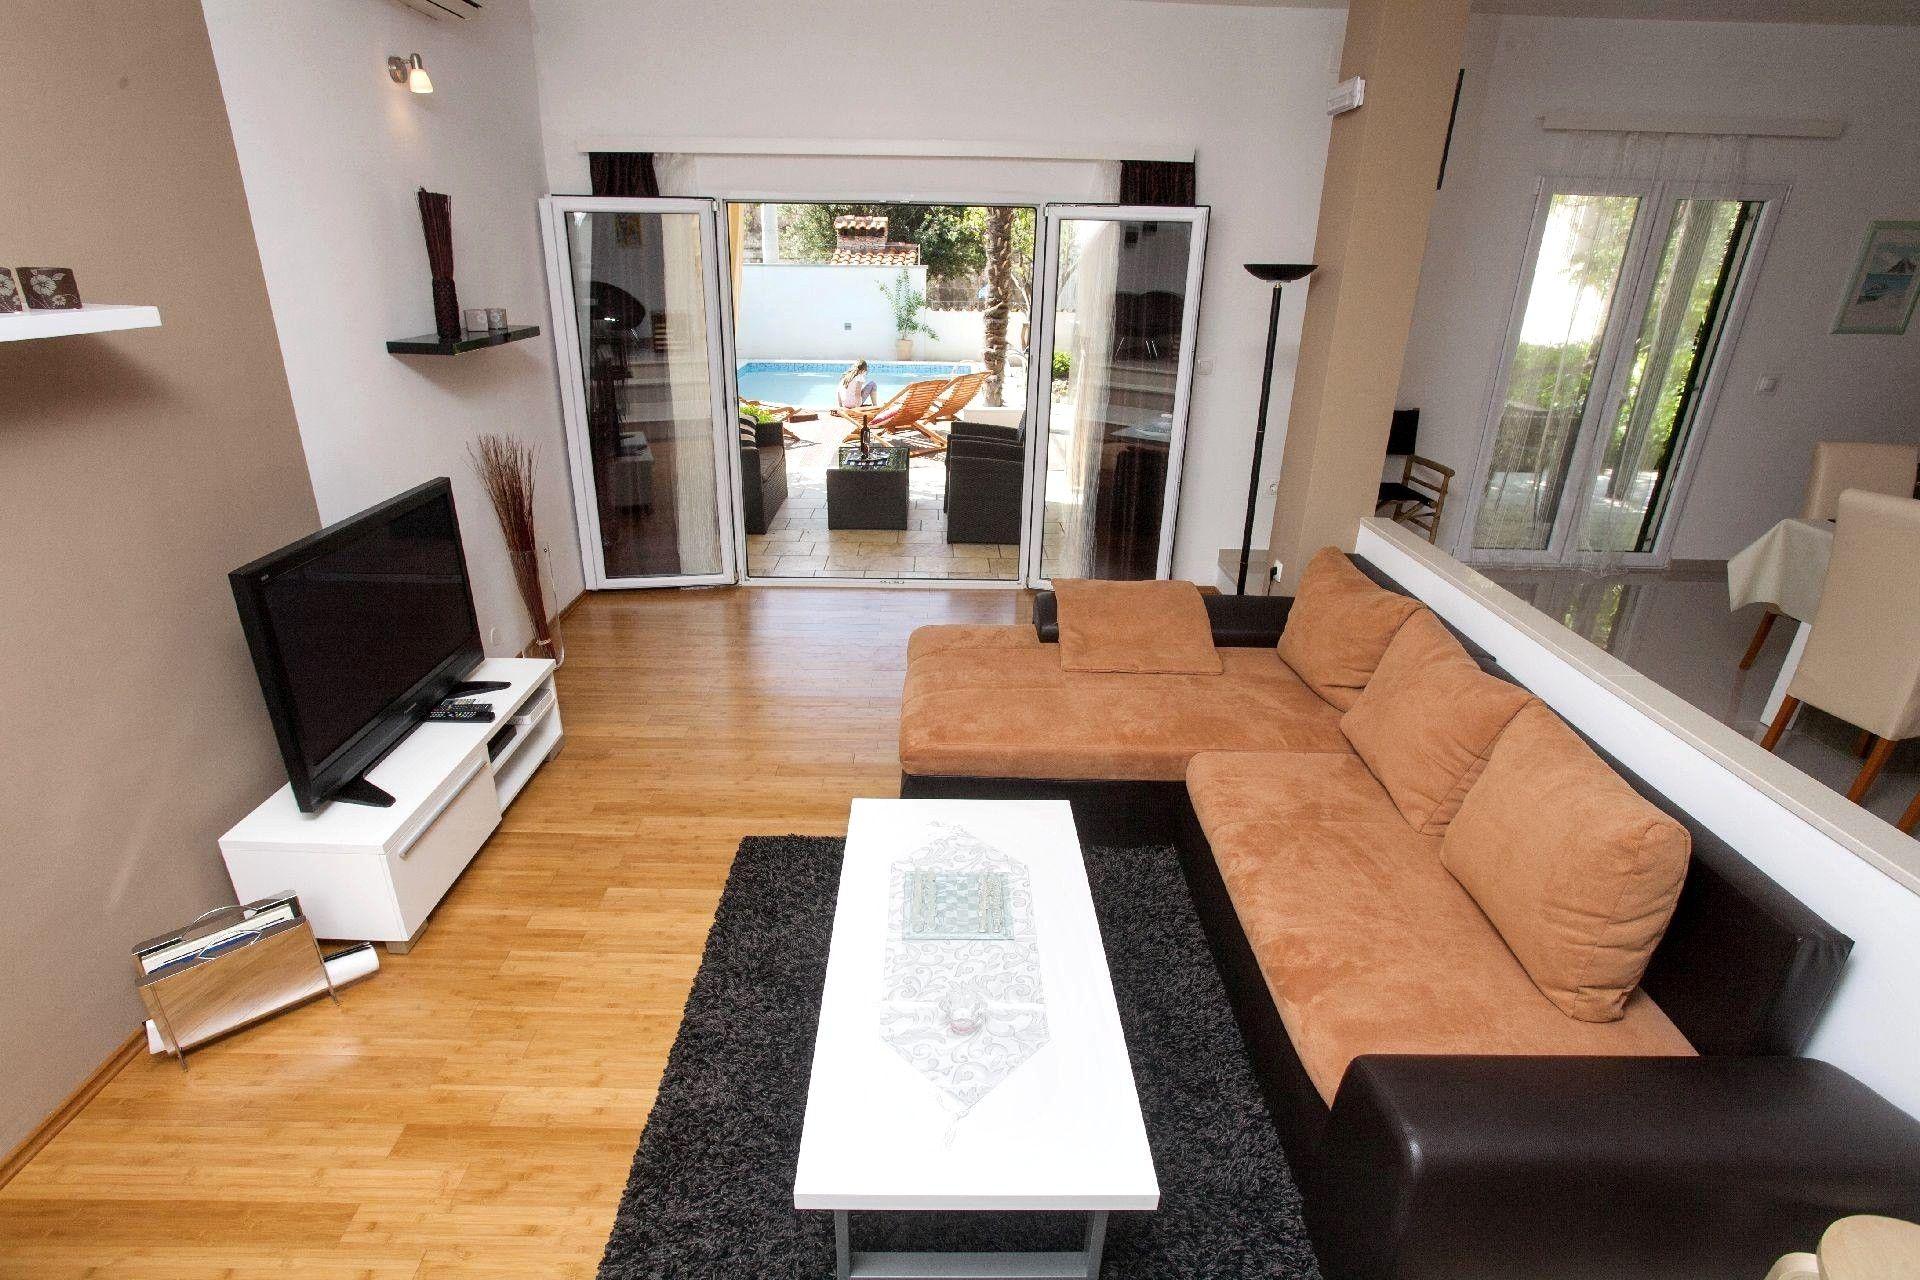 Kuche Vom Wohnzimmer Trennen Home Decor Home House